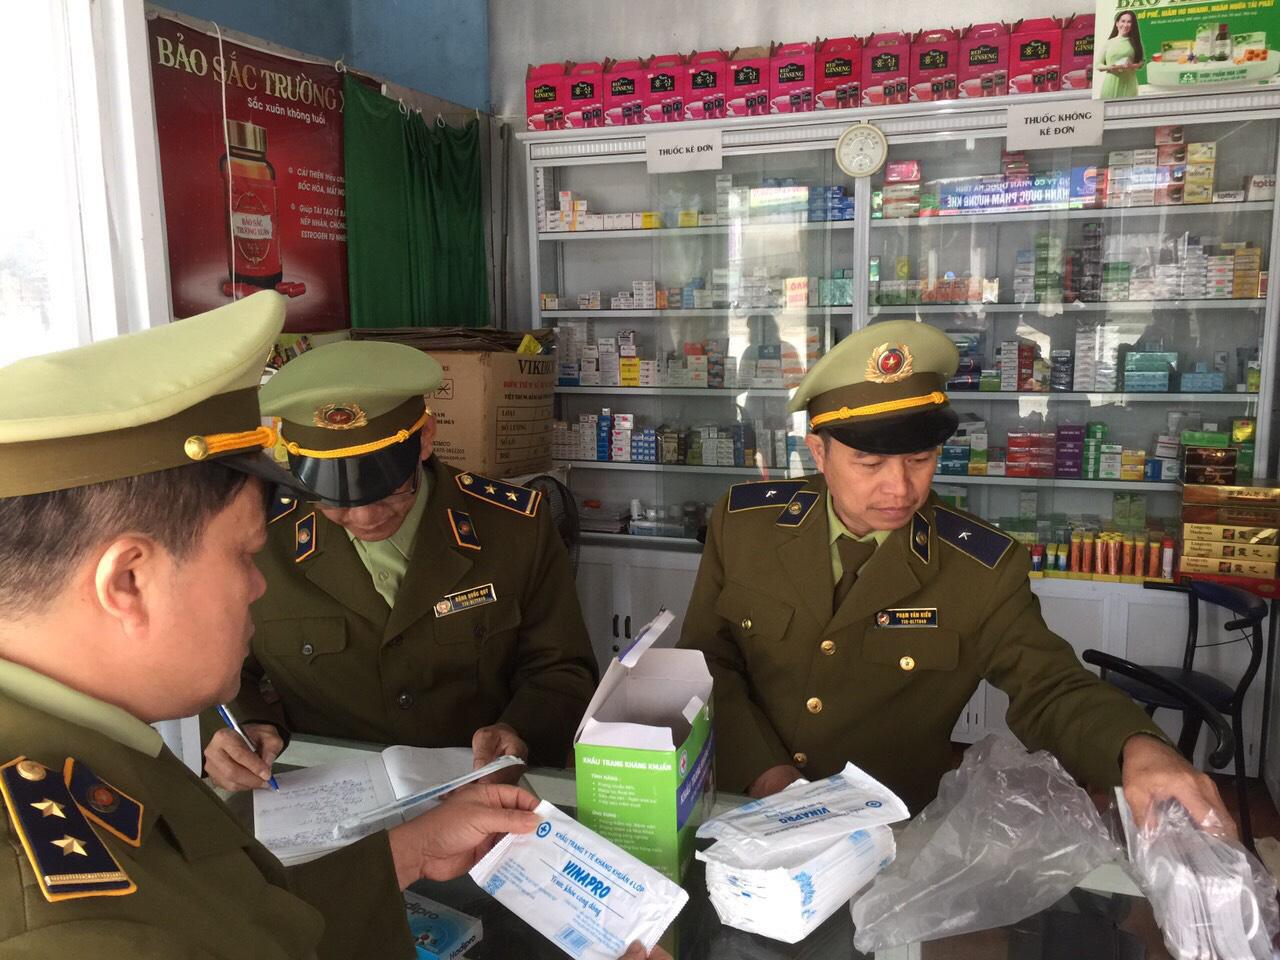 Xử lí 85 cửa hàng hét giá khẩu trang, phát hiện người gom 250.000 khẩu trang bán qua Trung Quốc kiếm lời - Ảnh 1.